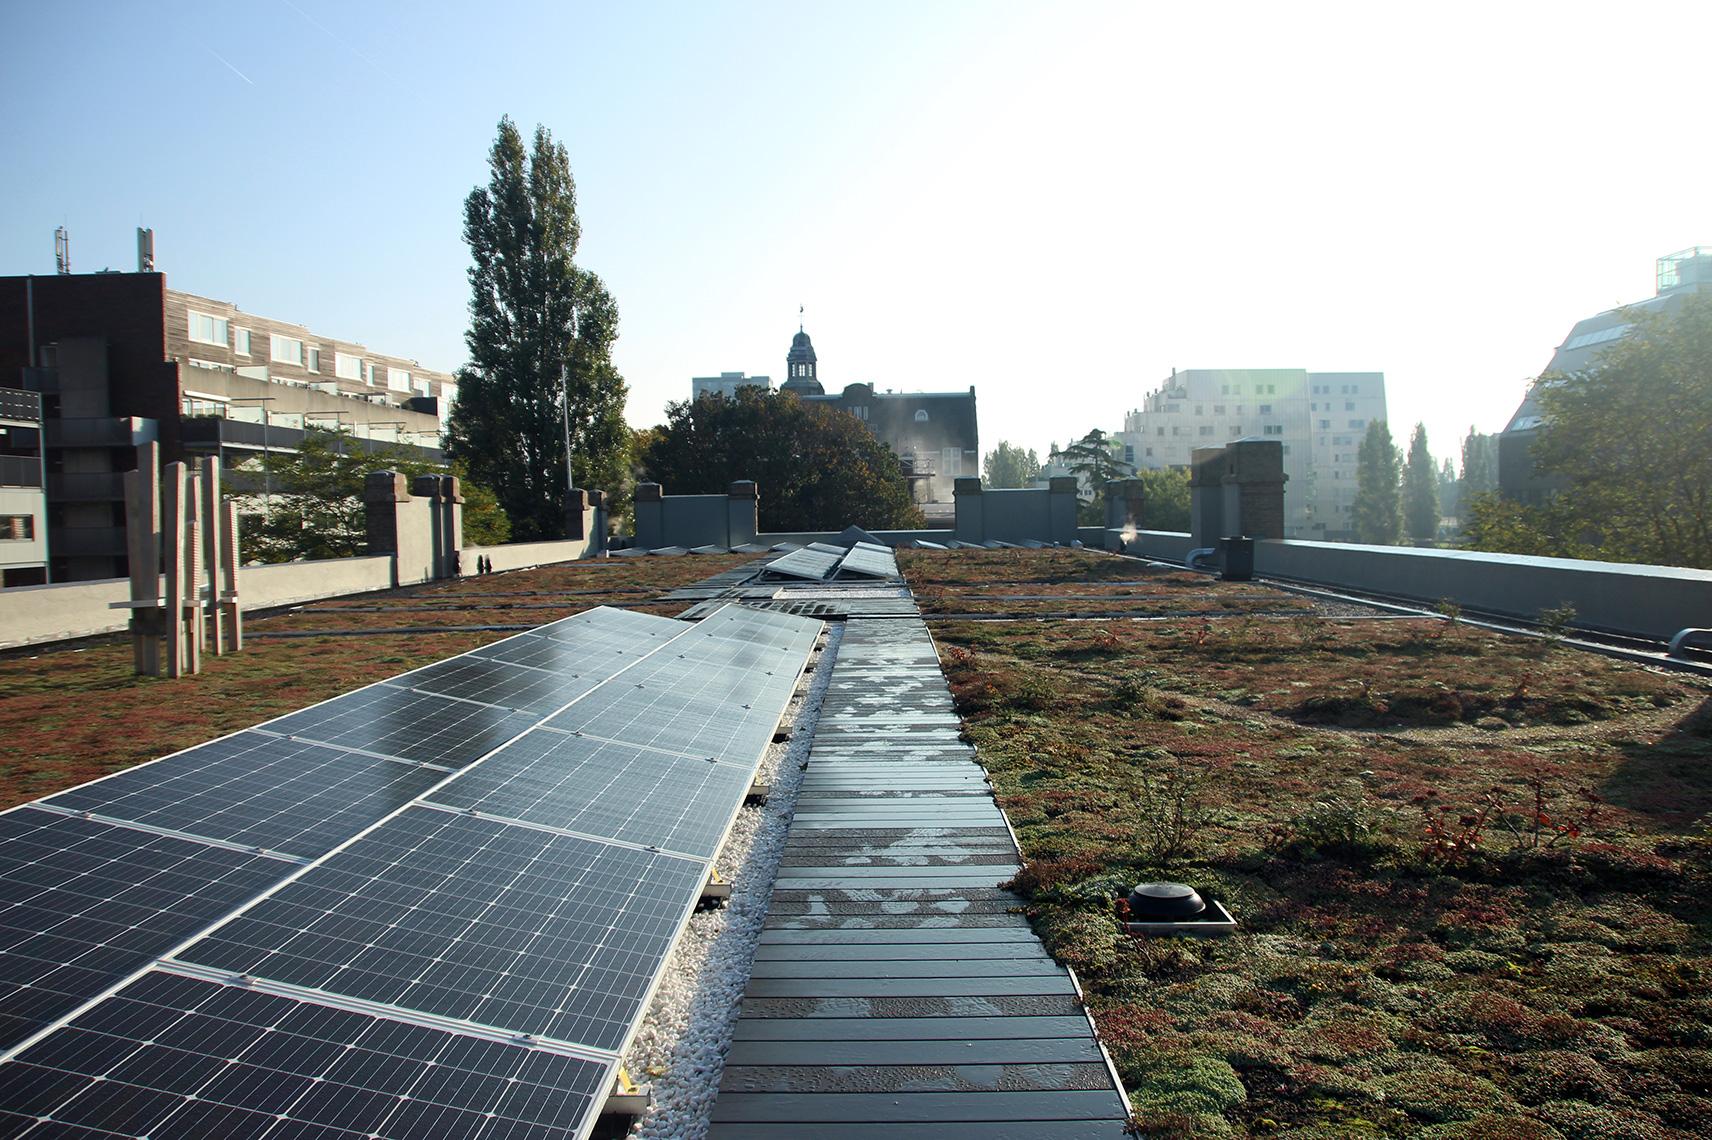 Project: Oostelijke Handelskade - zon en groen